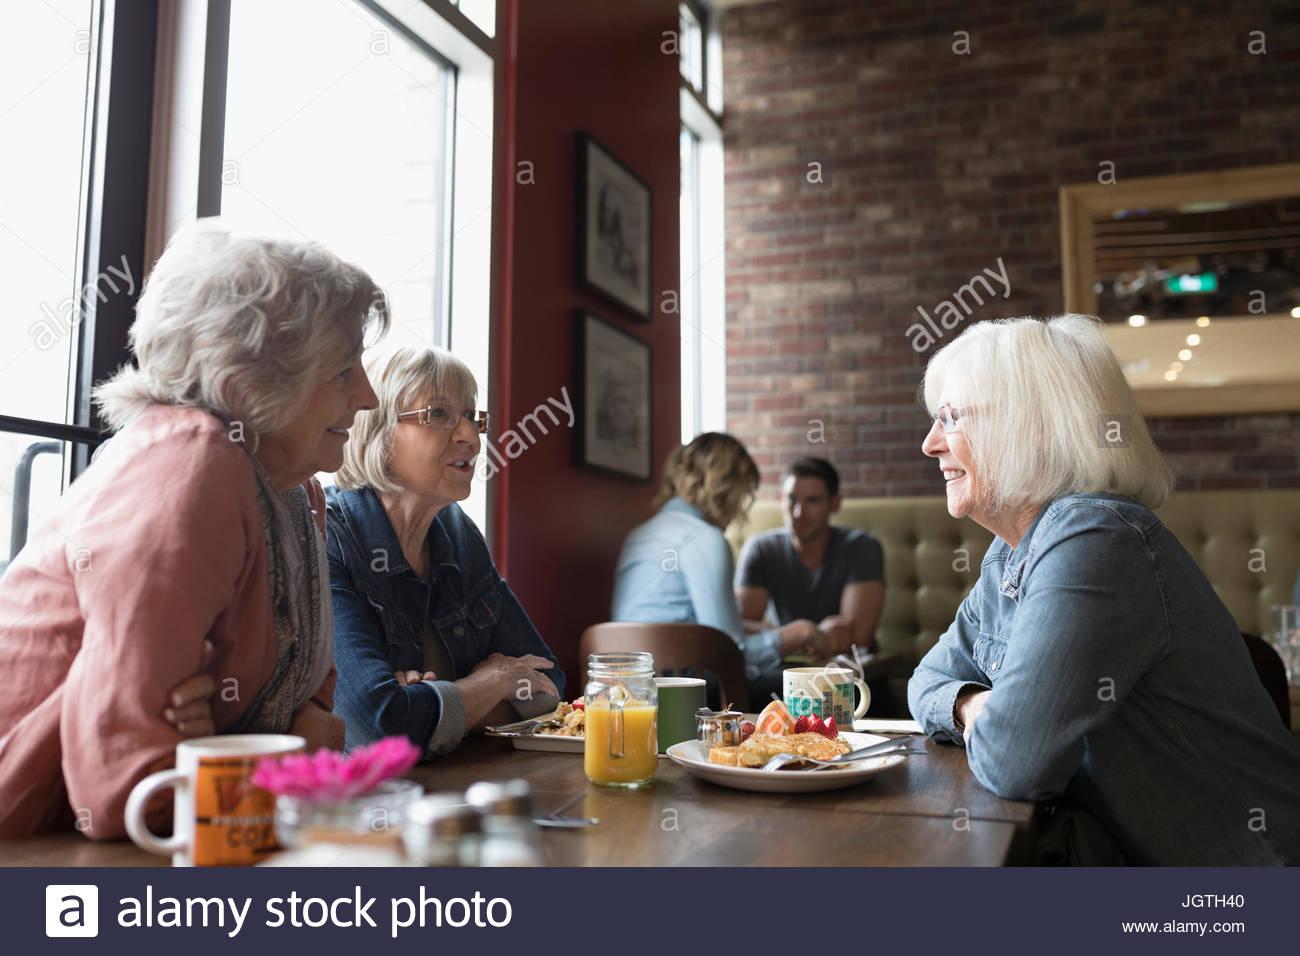 Alte Frauen reden, Essen Brunch an Diner Tisch Stockbild